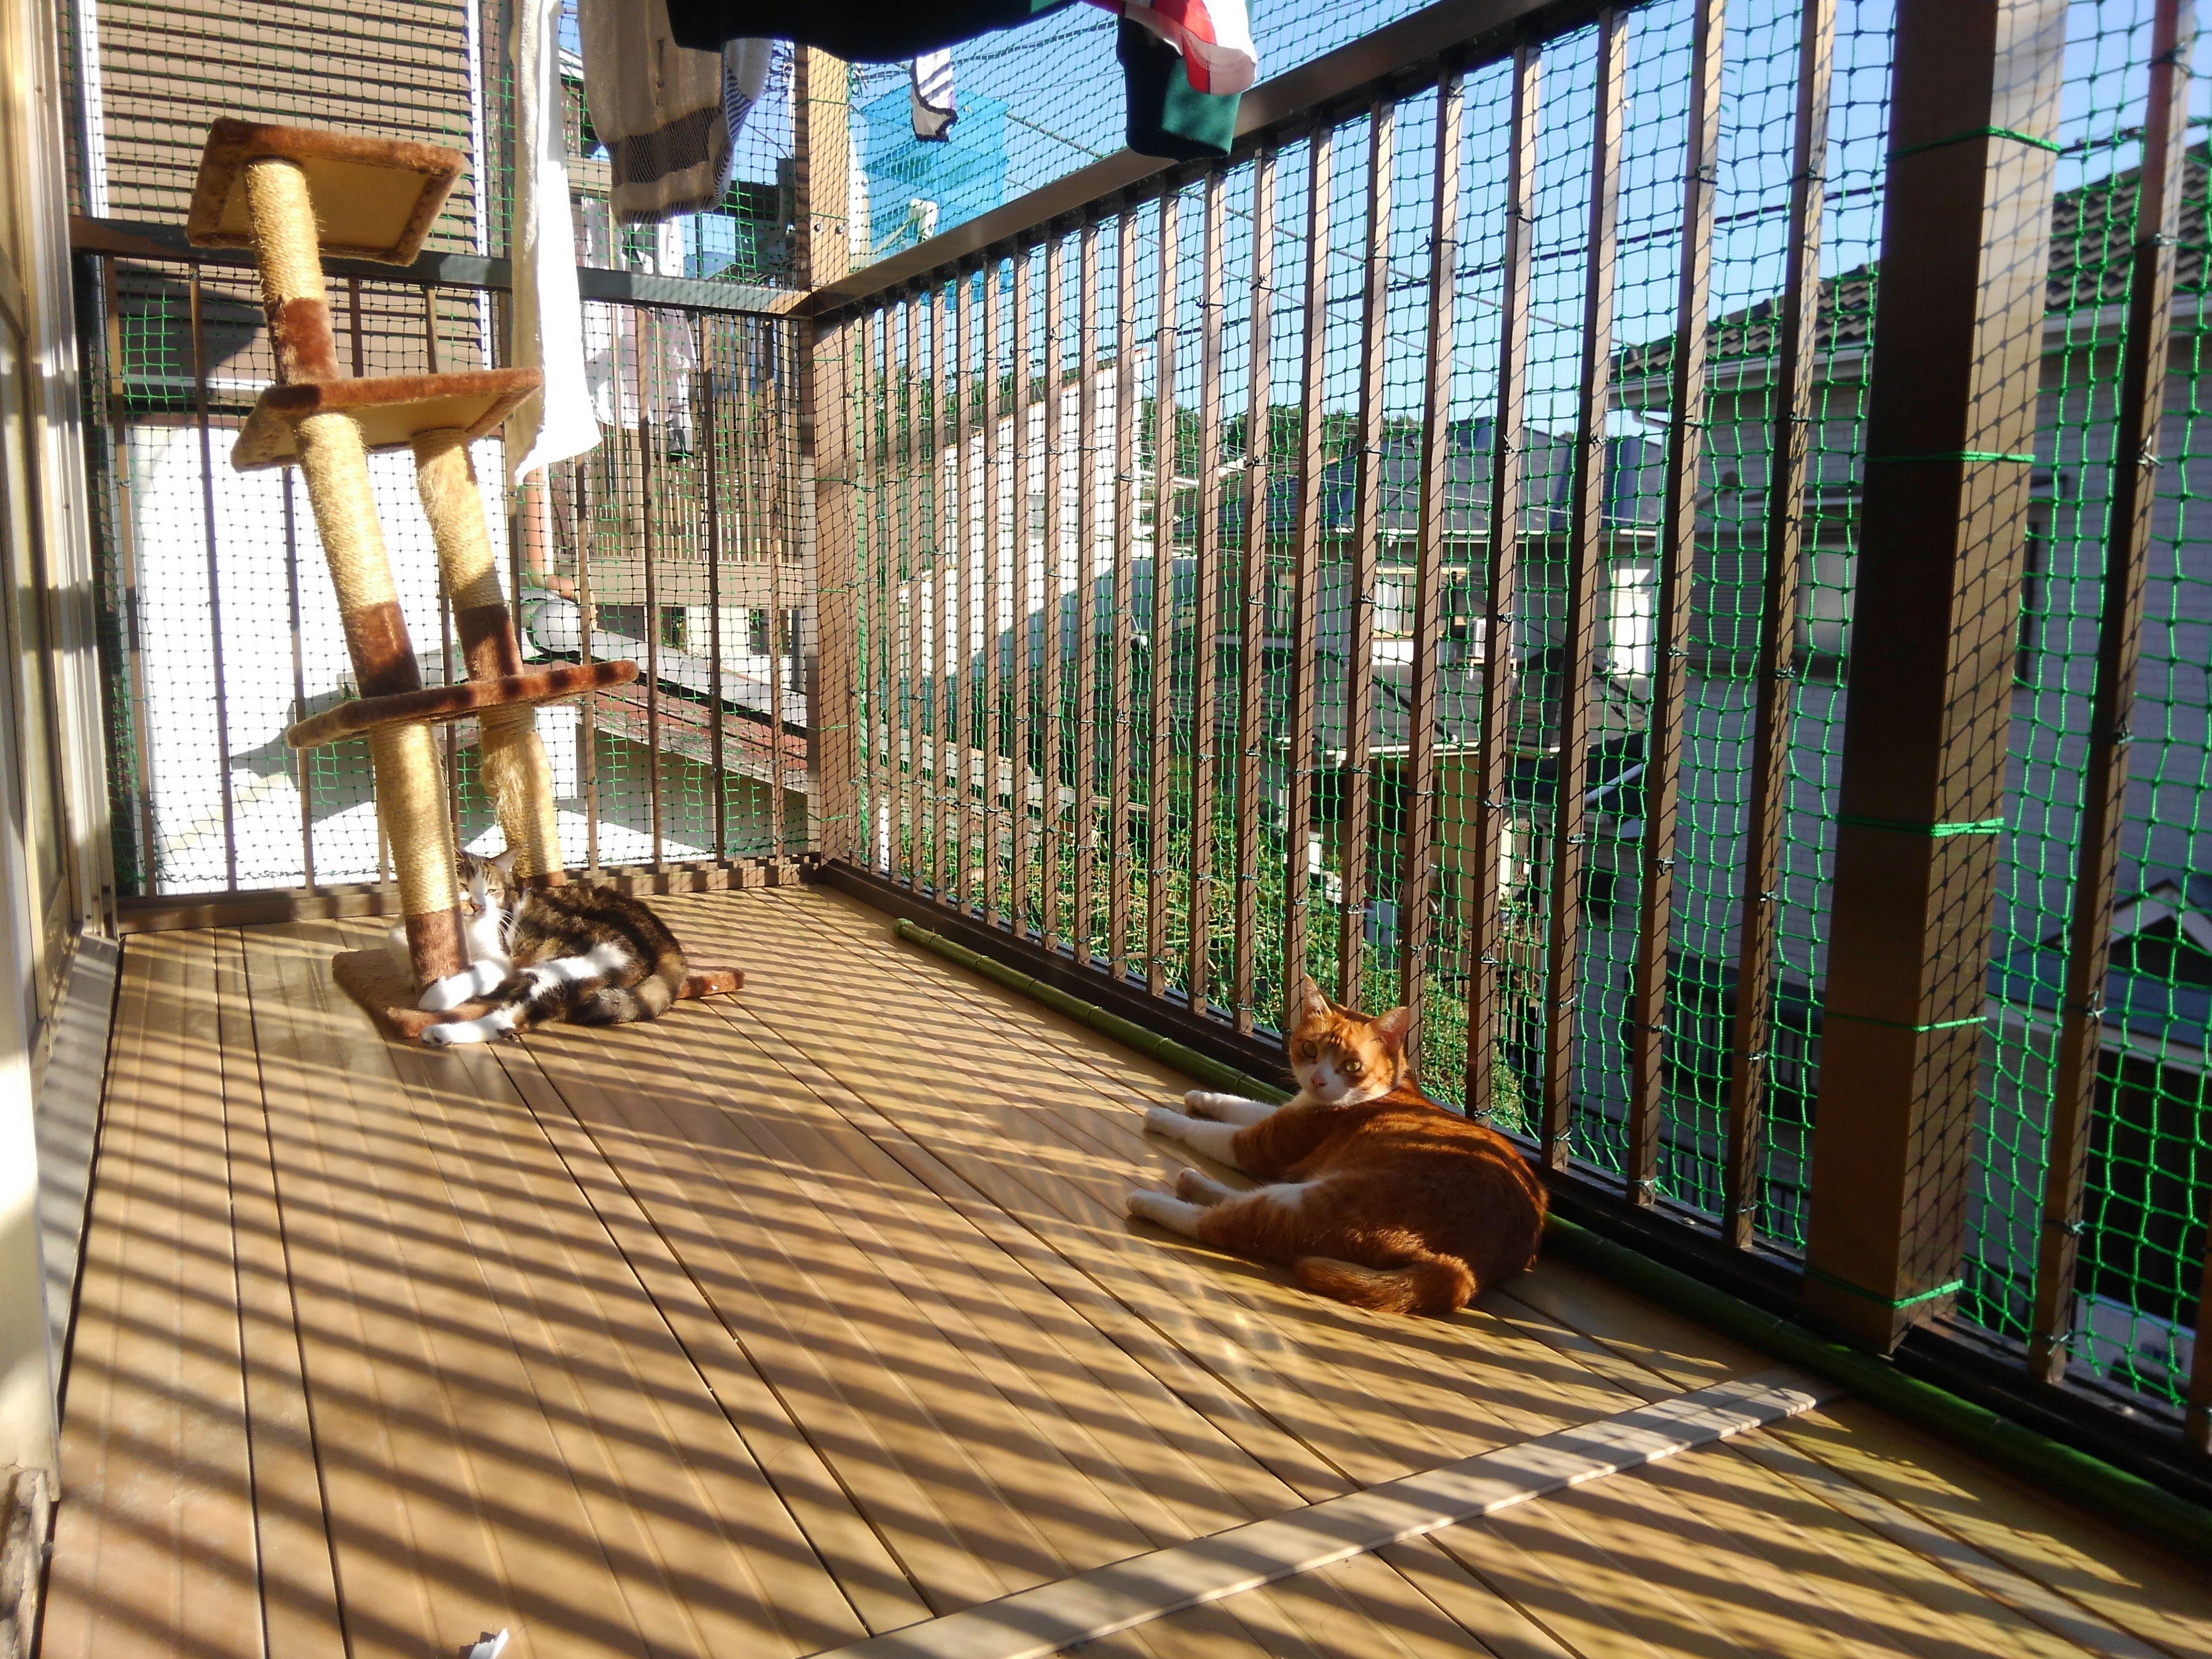 ベランダを猫仕様に ネットでかこいました ひなたぼっこ ベランダ ネット 猫の屋外ケージ 猫の遊び場